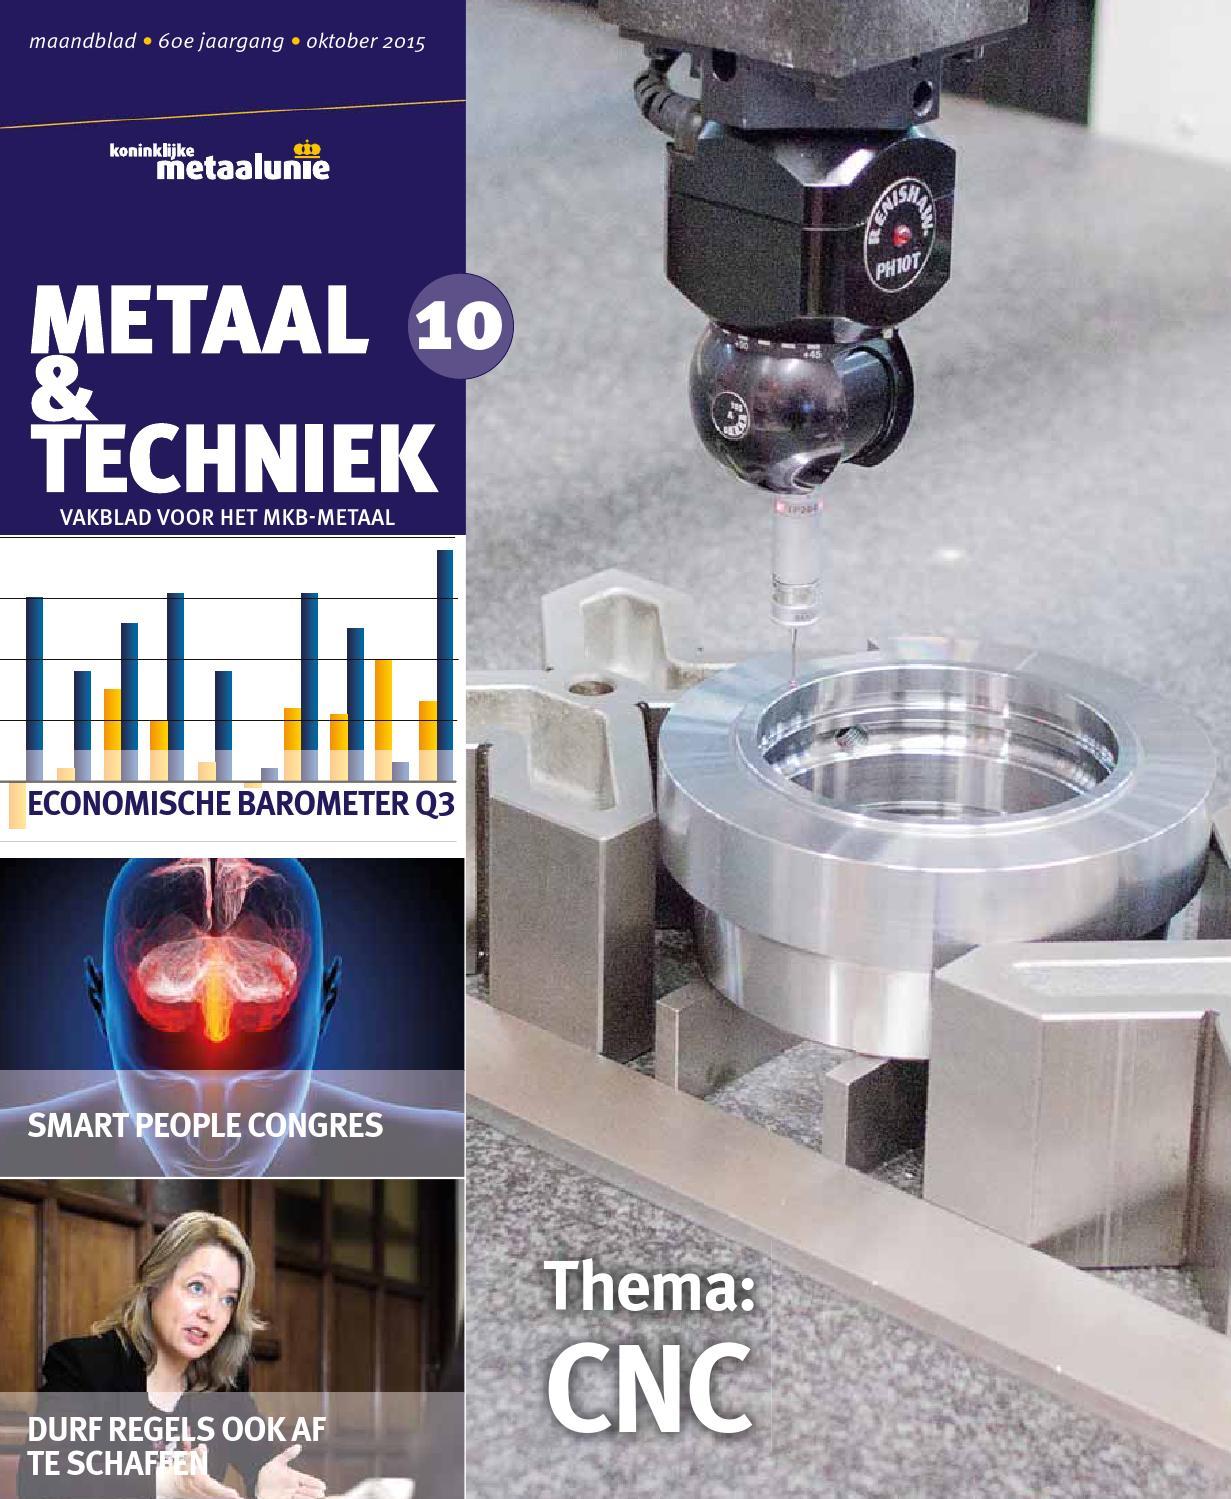 Metaal & Techniek April 2016 by Koninklijke Metaalunie - issuu